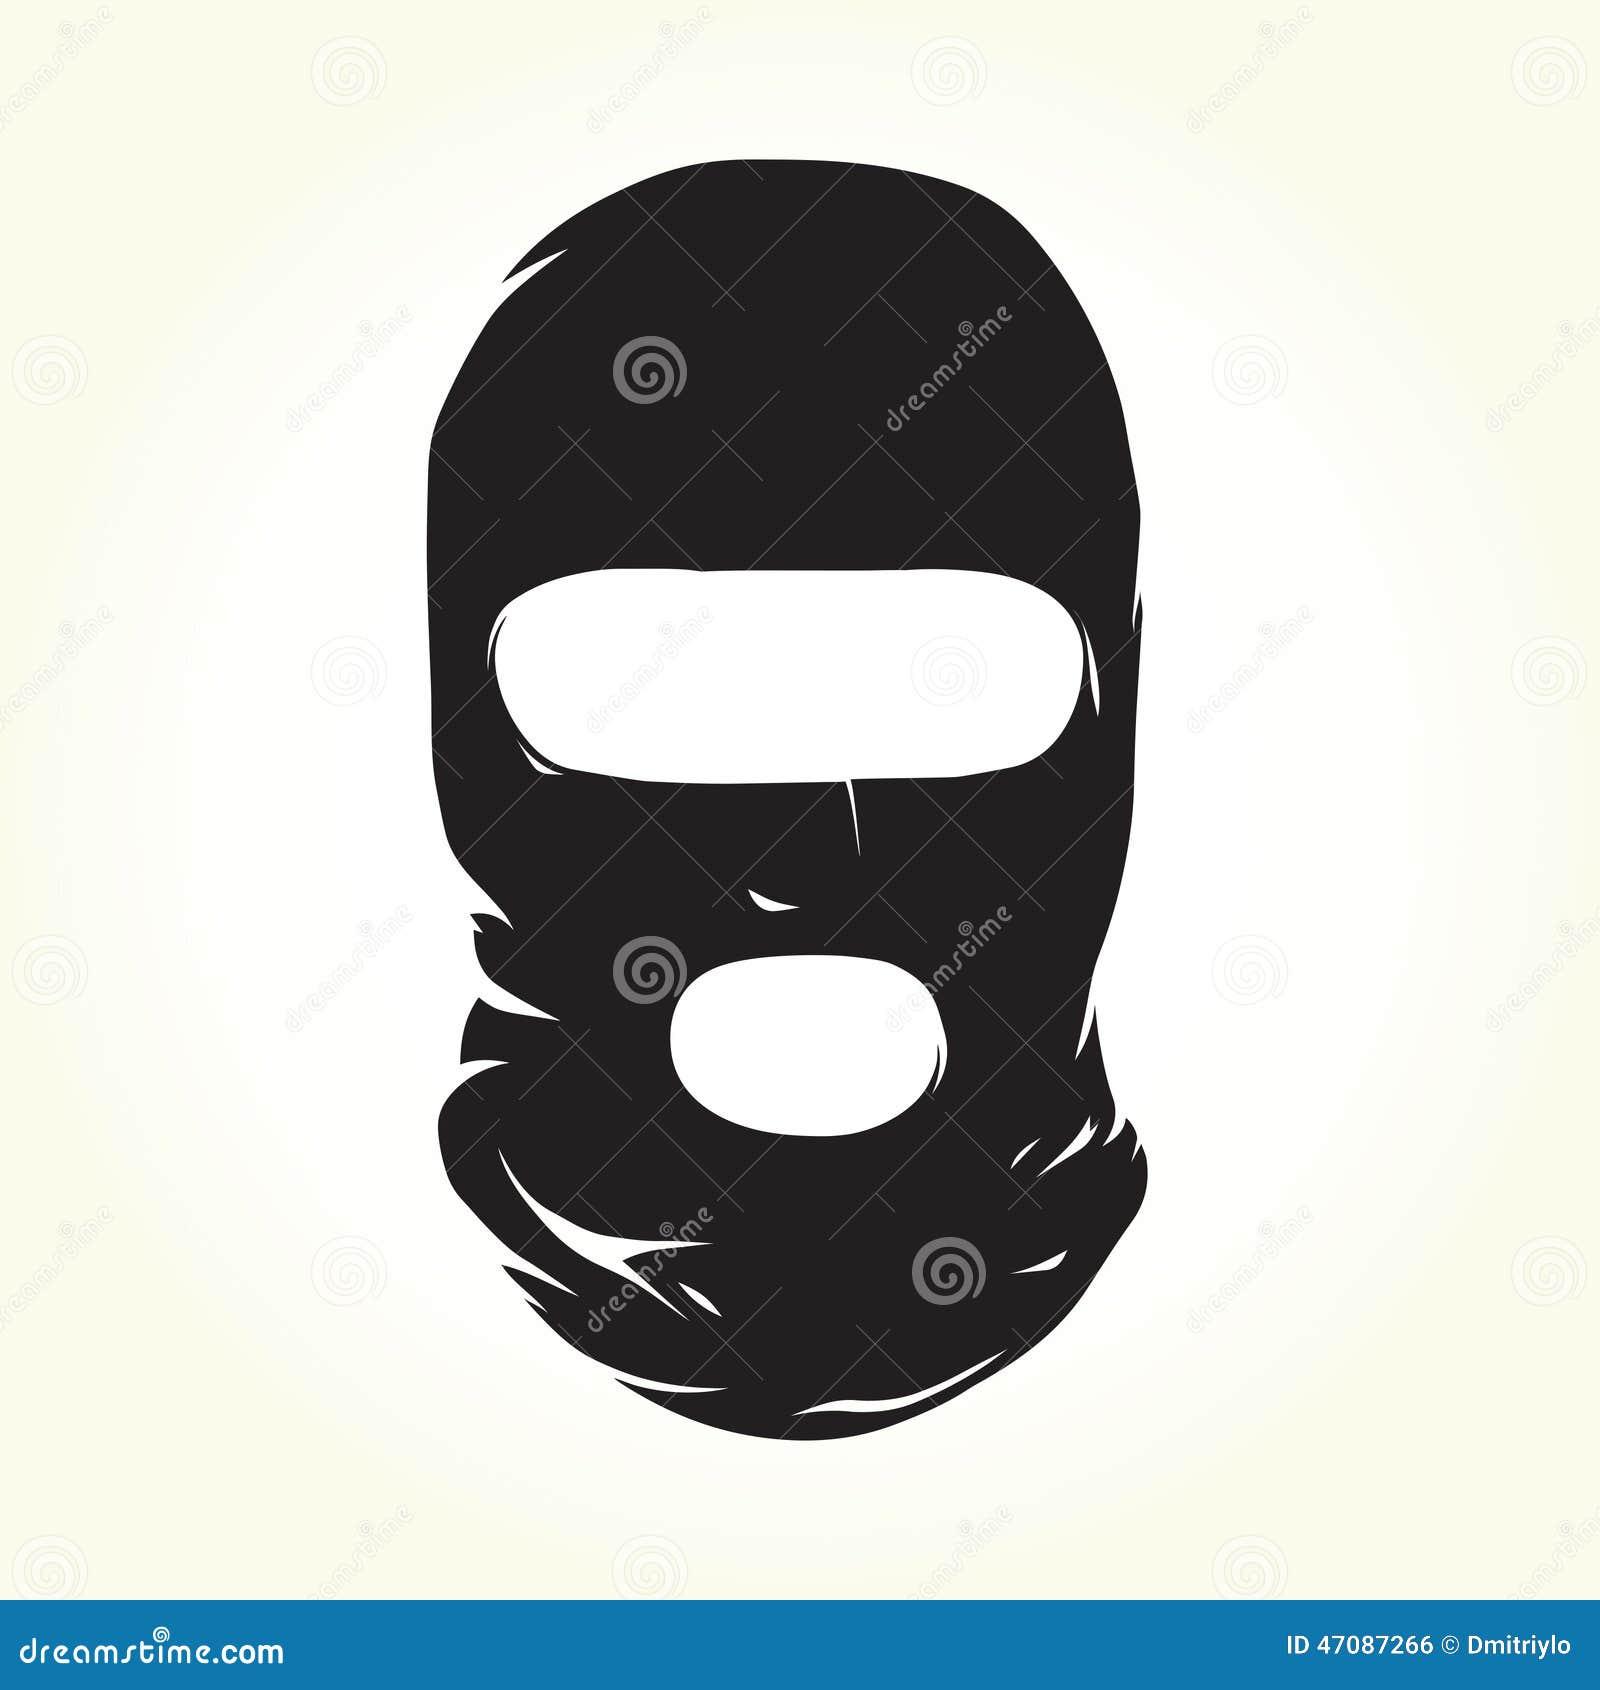 Le masque pour la personne des boutons sous-cutanés